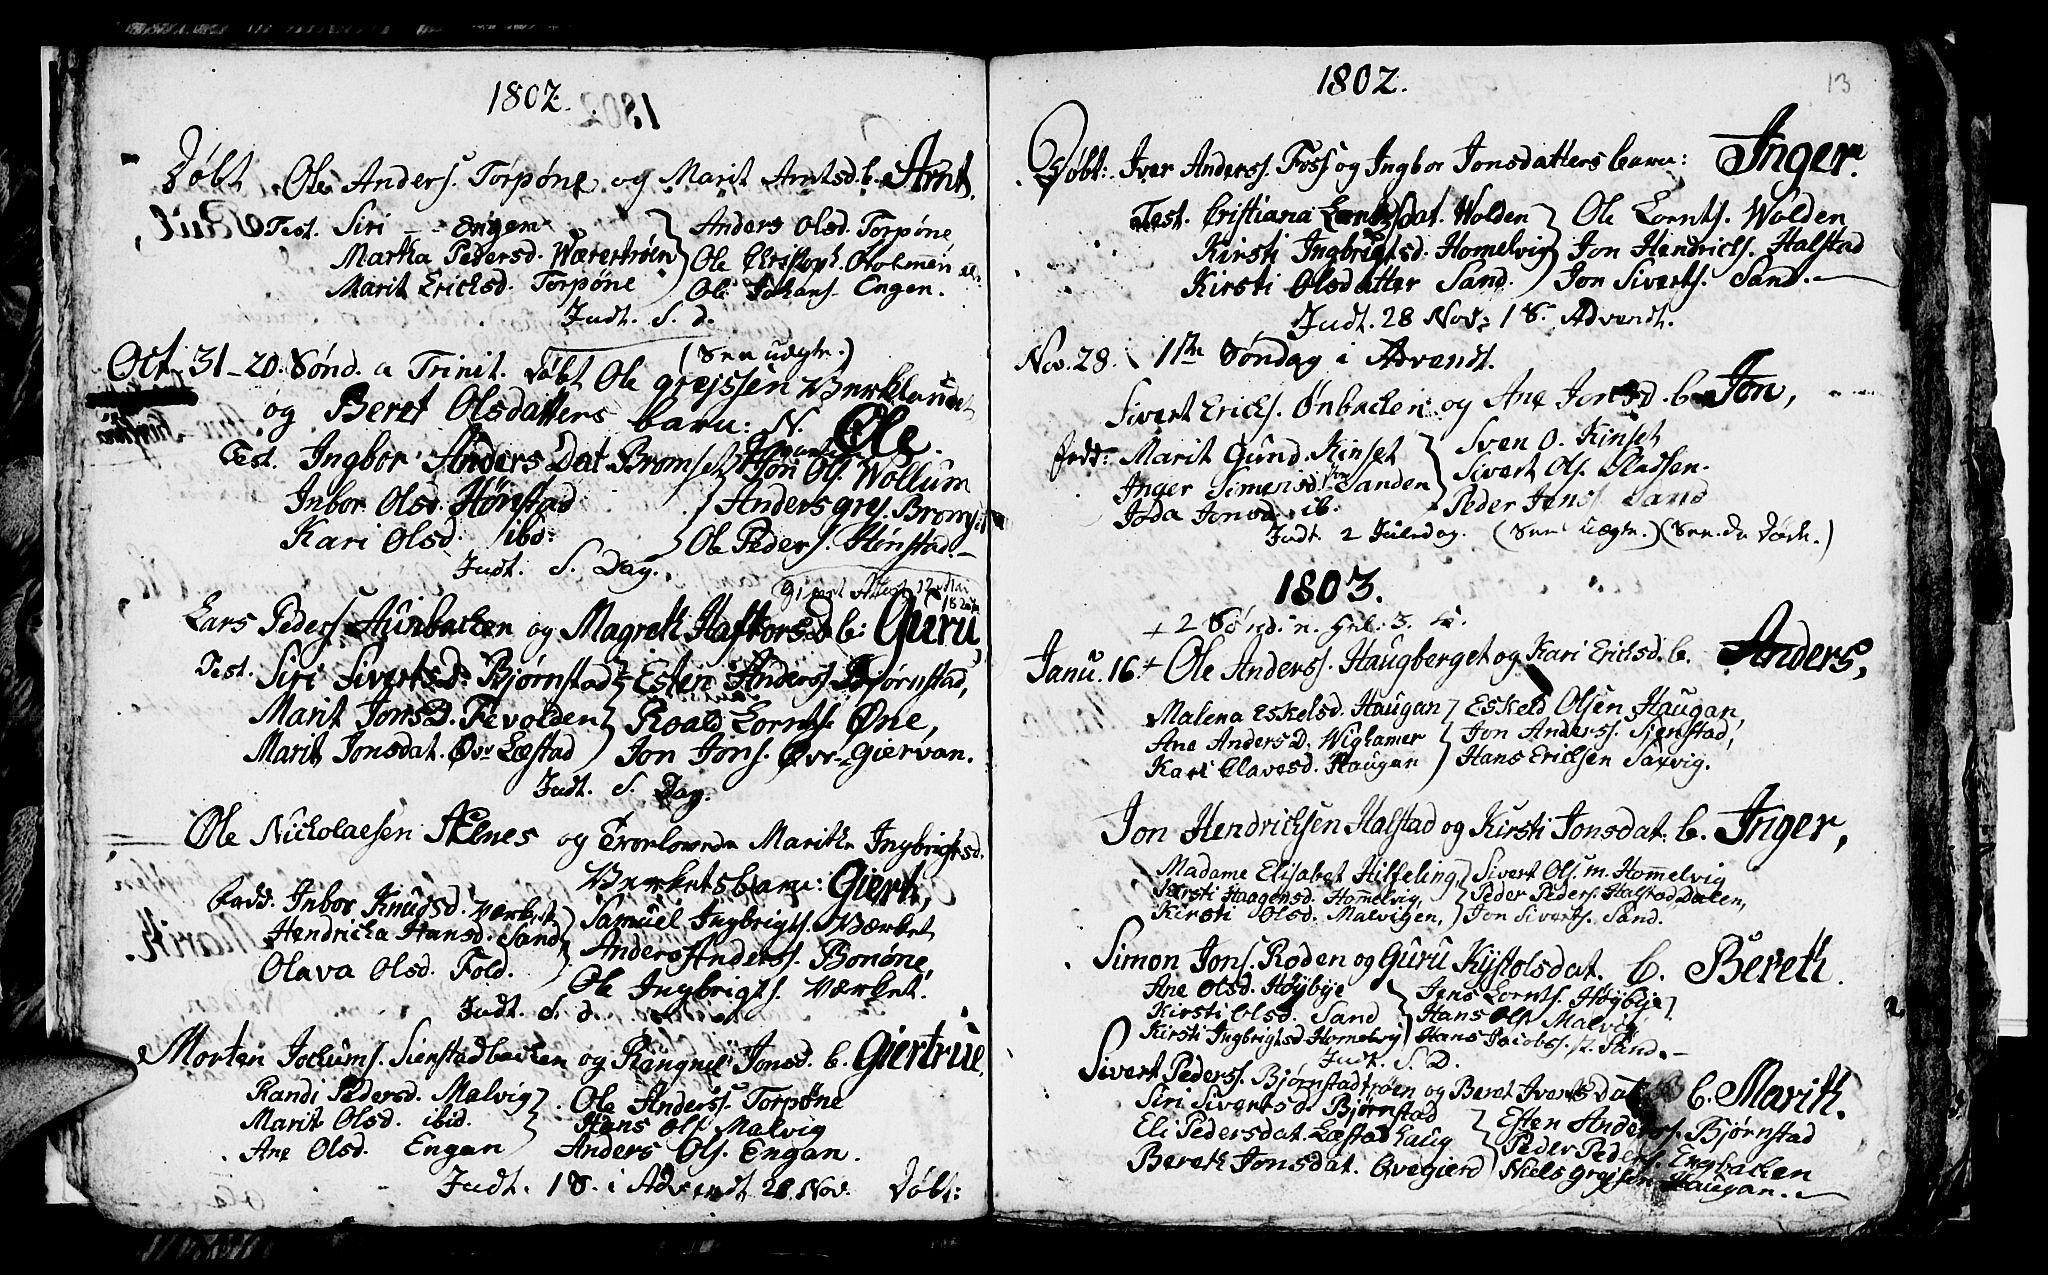 SAT, Ministerialprotokoller, klokkerbøker og fødselsregistre - Sør-Trøndelag, 616/L0419: Klokkerbok nr. 616C02, 1797-1816, s. 13